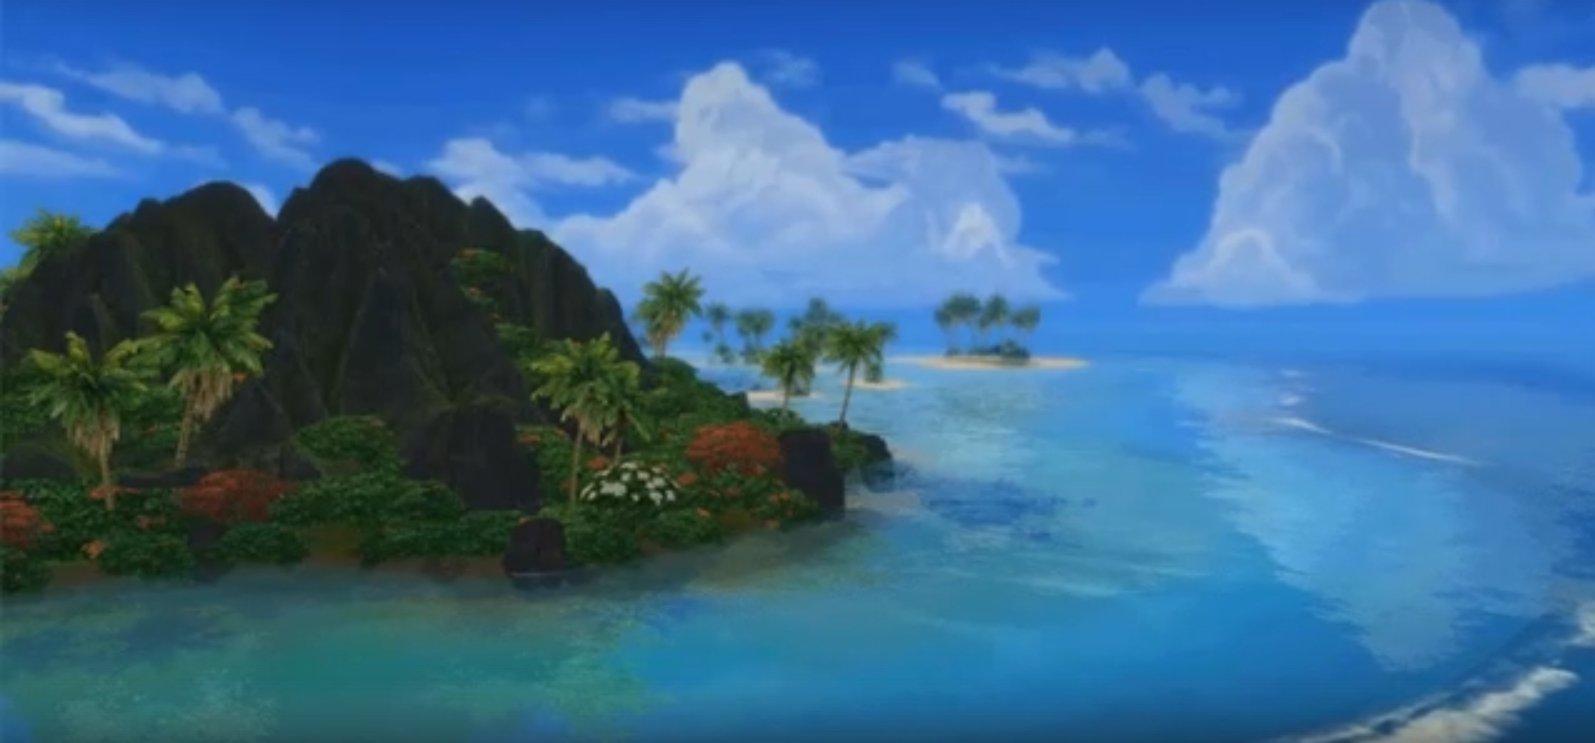 The Sims 4: Жизнь на острове: облака на горизонте